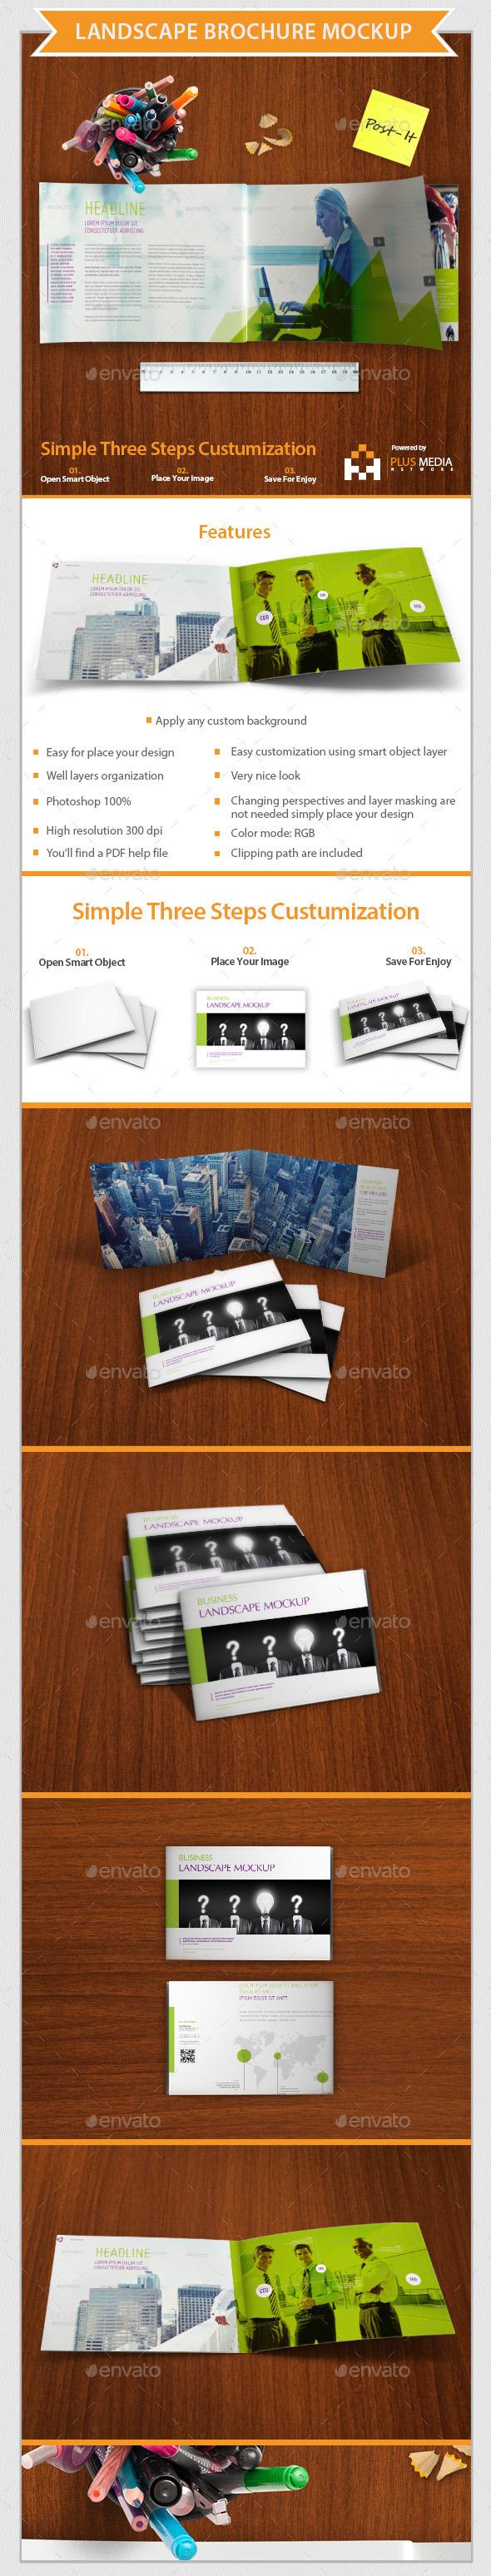 GraphicRiver Landscape Brochure Mockup 10354865